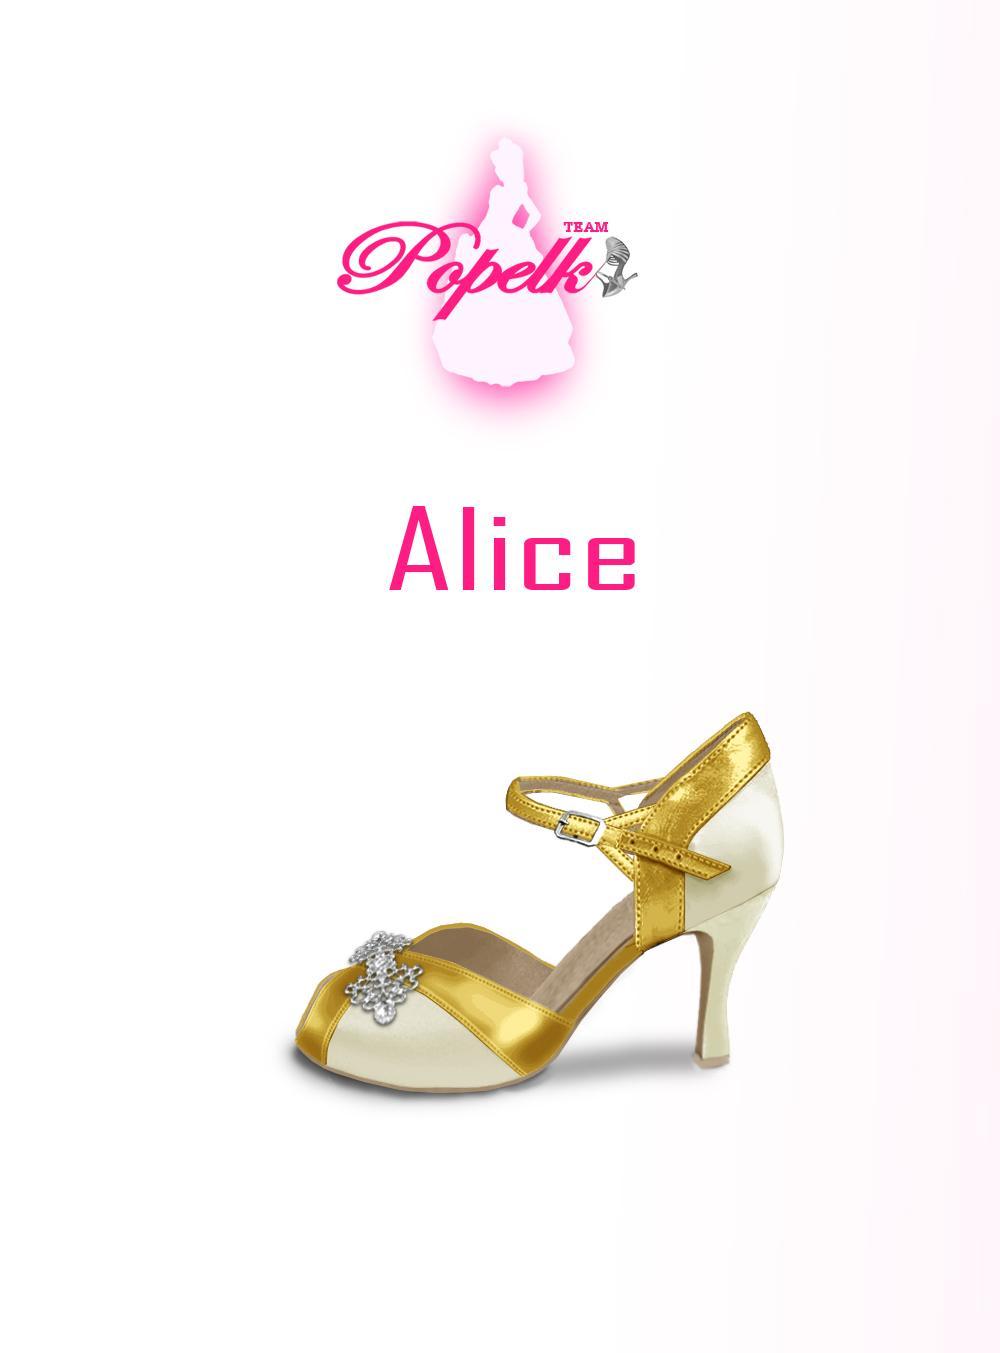 Svadobné topánky navrhni a uprav si ich podľa seba - inšpirácie zlatá - model Alice